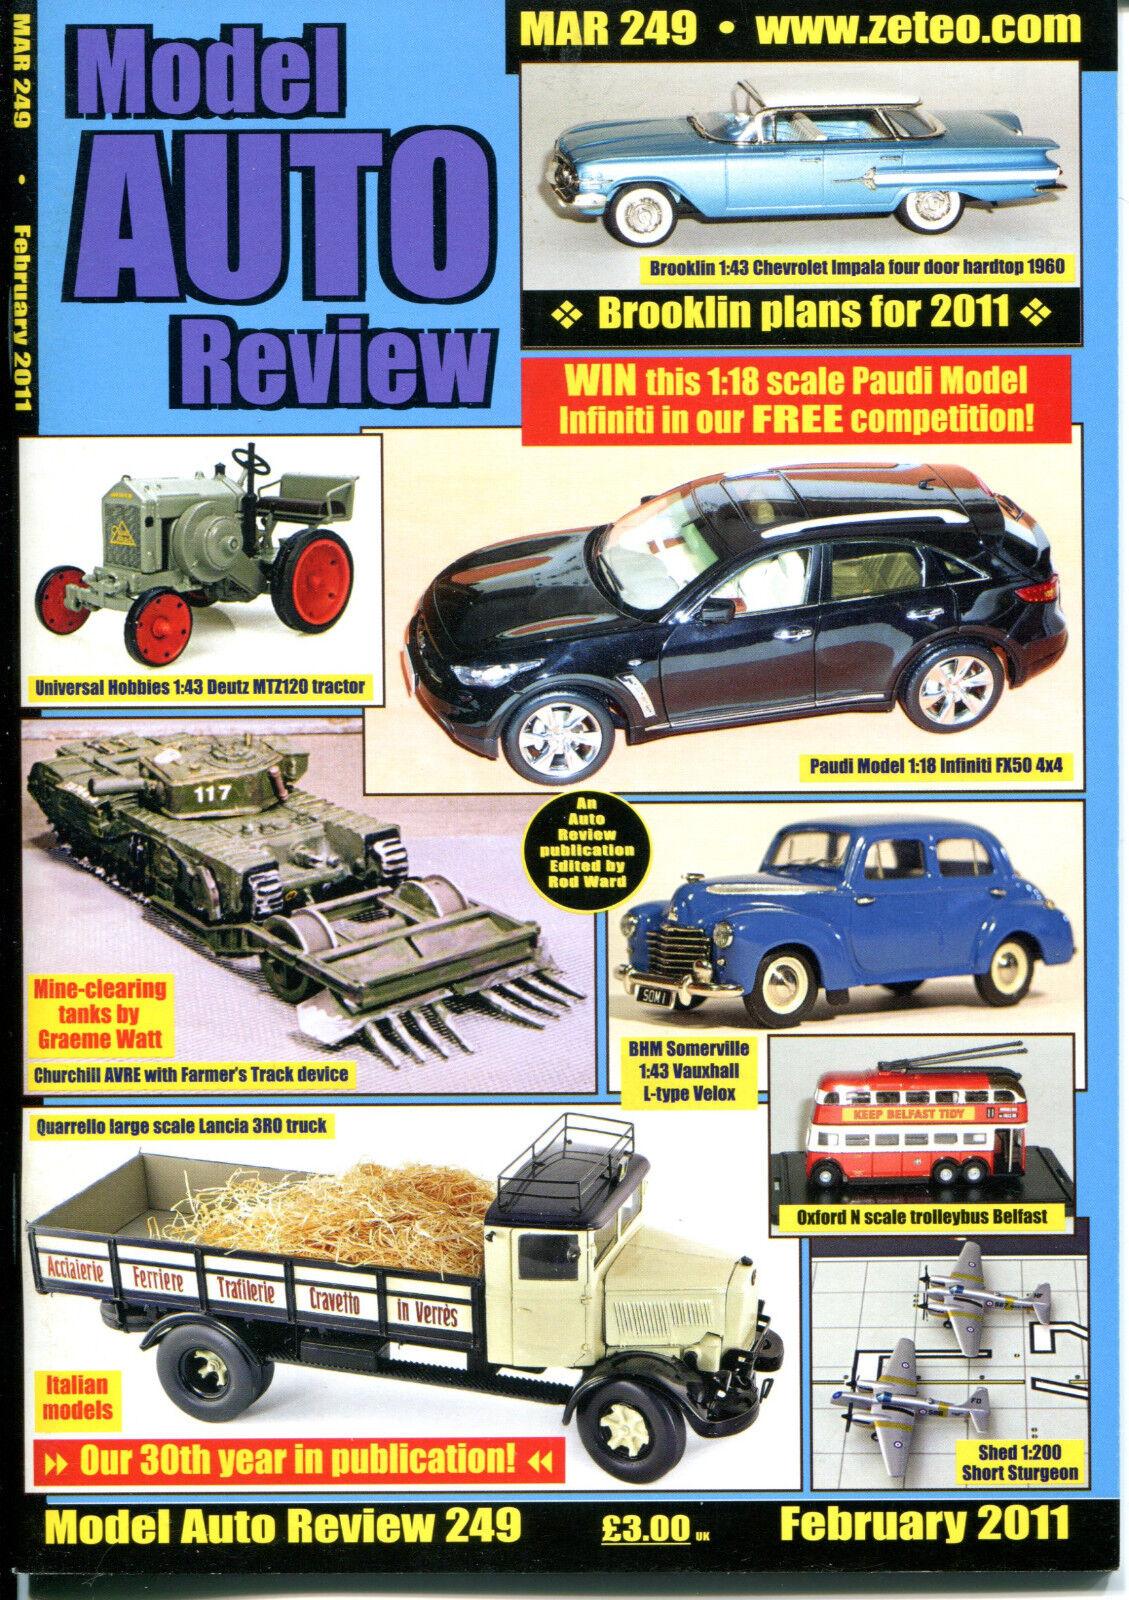 modello AUTO REVIEW (MAR) Magazine  (2011) specialee Bundle Offer - 9 nuovo ISSUES   costo effettivo